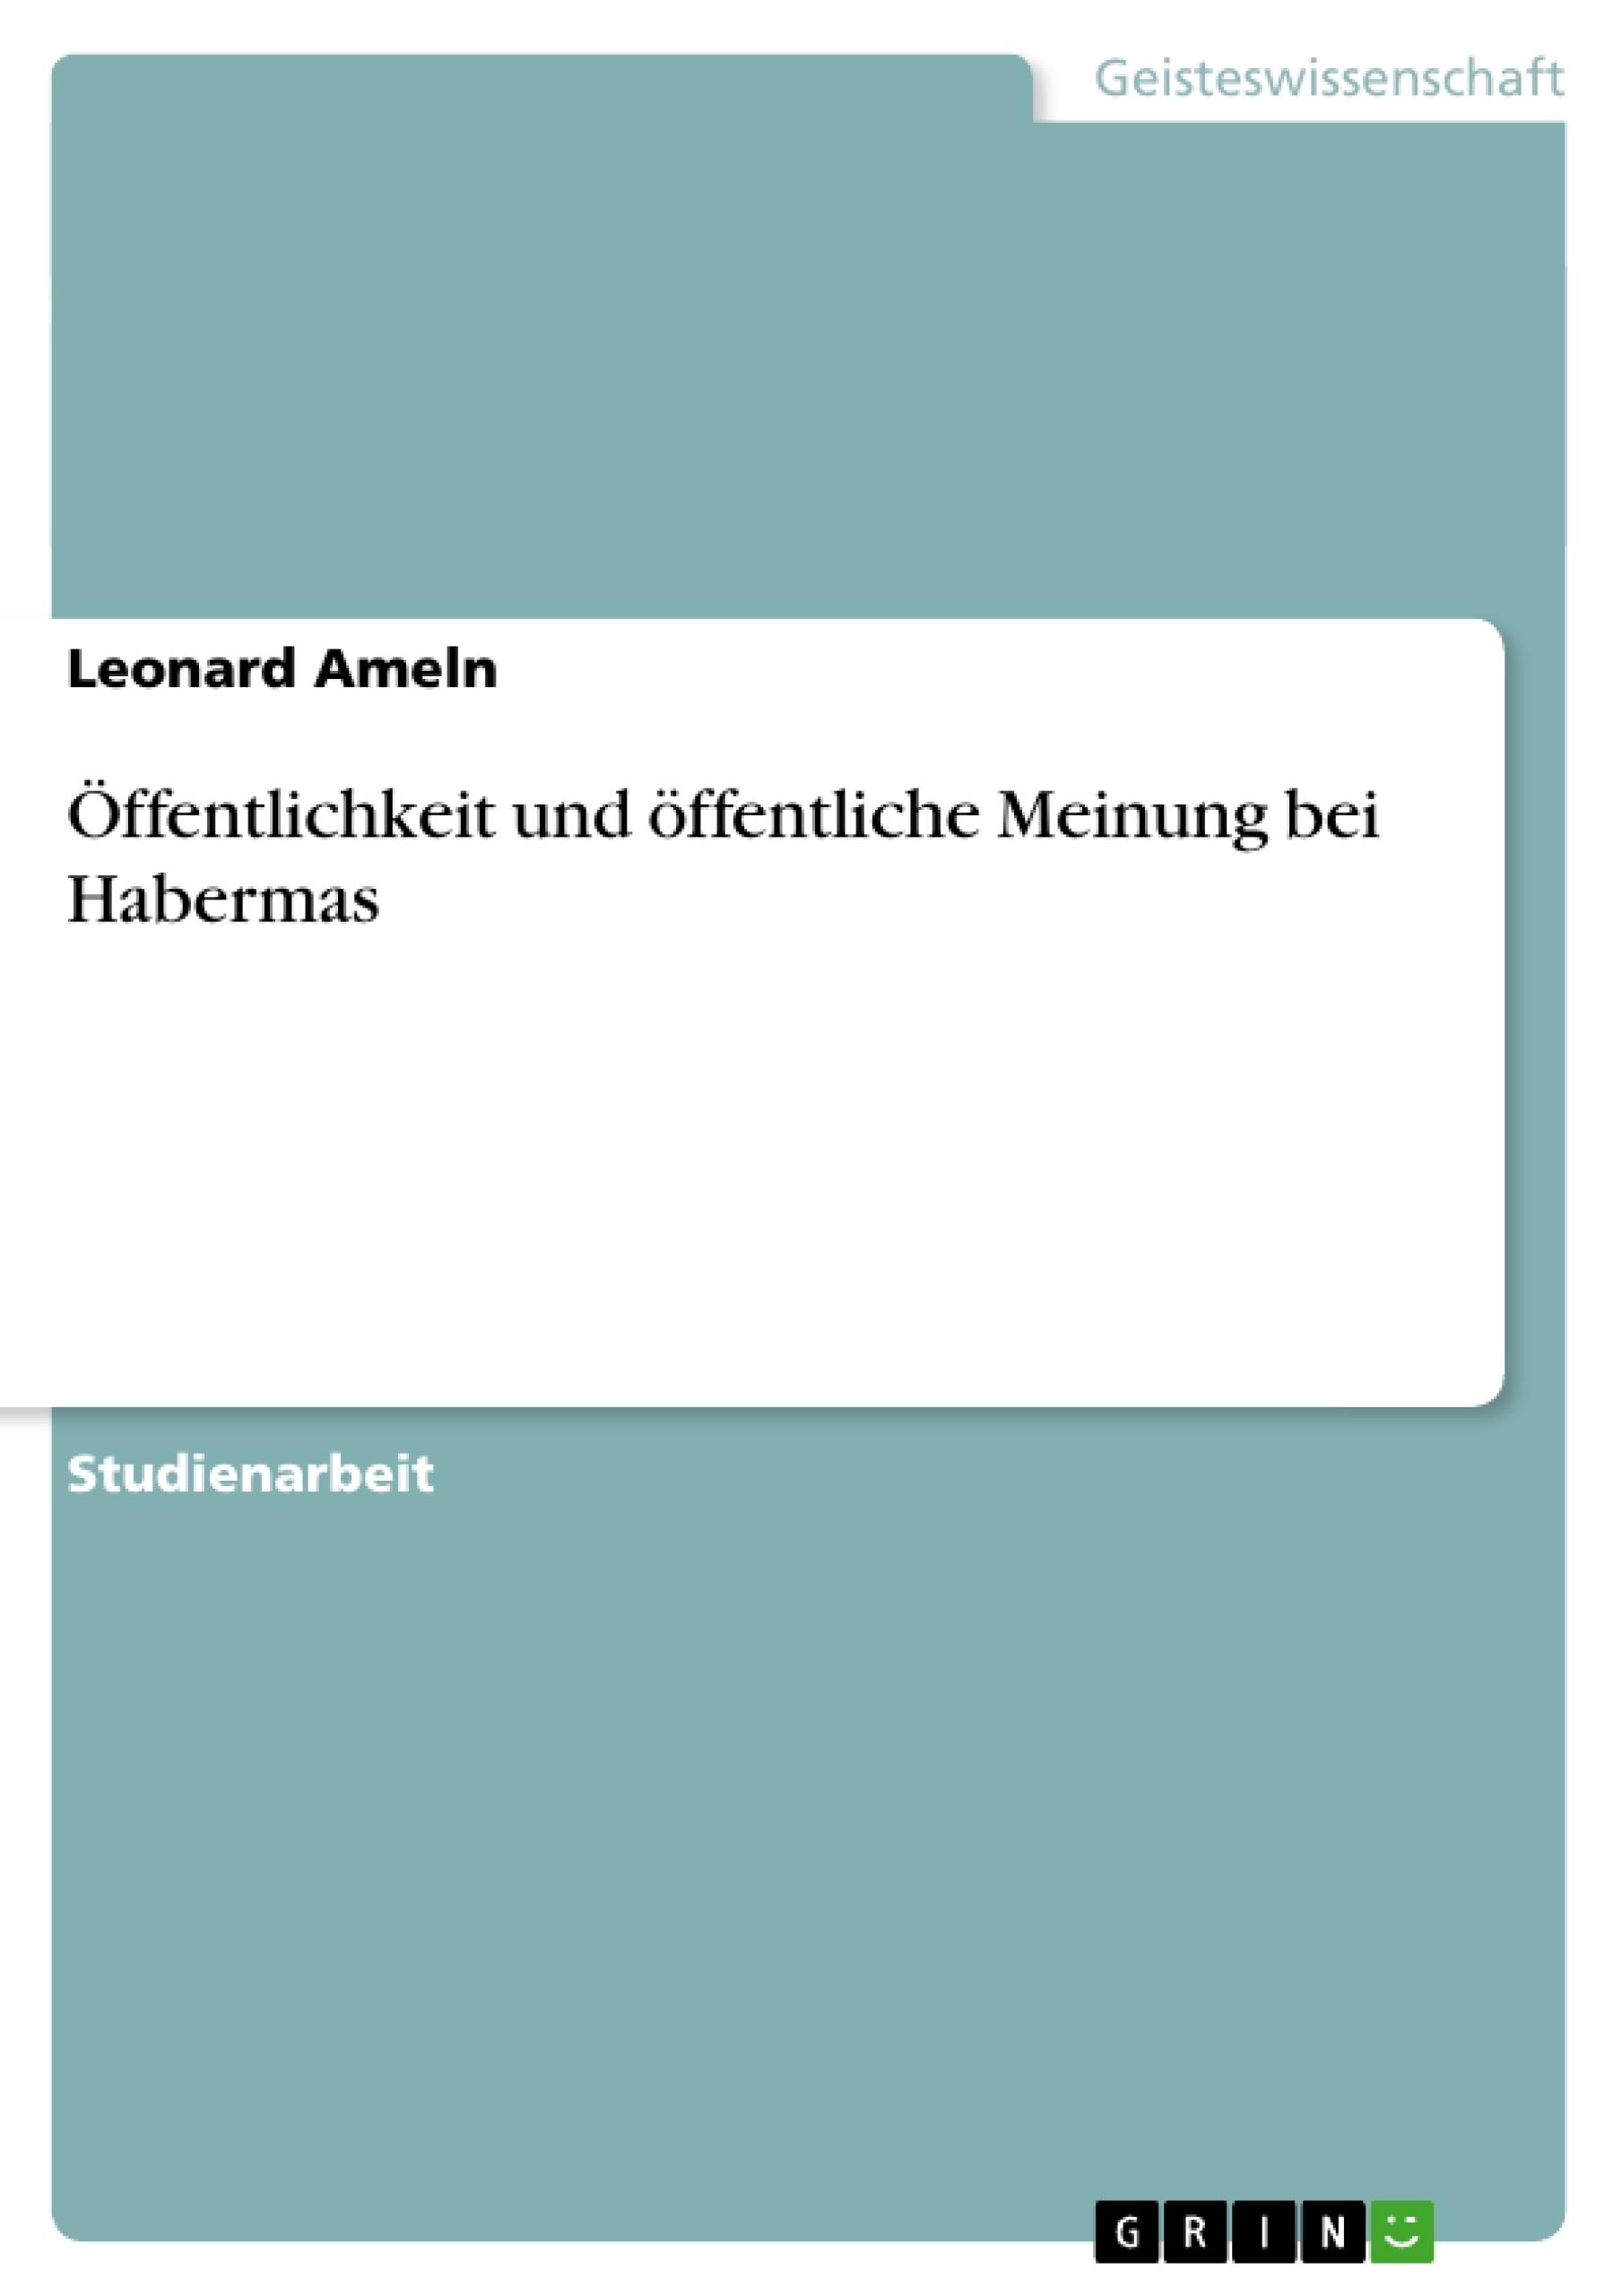 Titel: Öffentlichkeit und öffentliche Meinung bei Habermas